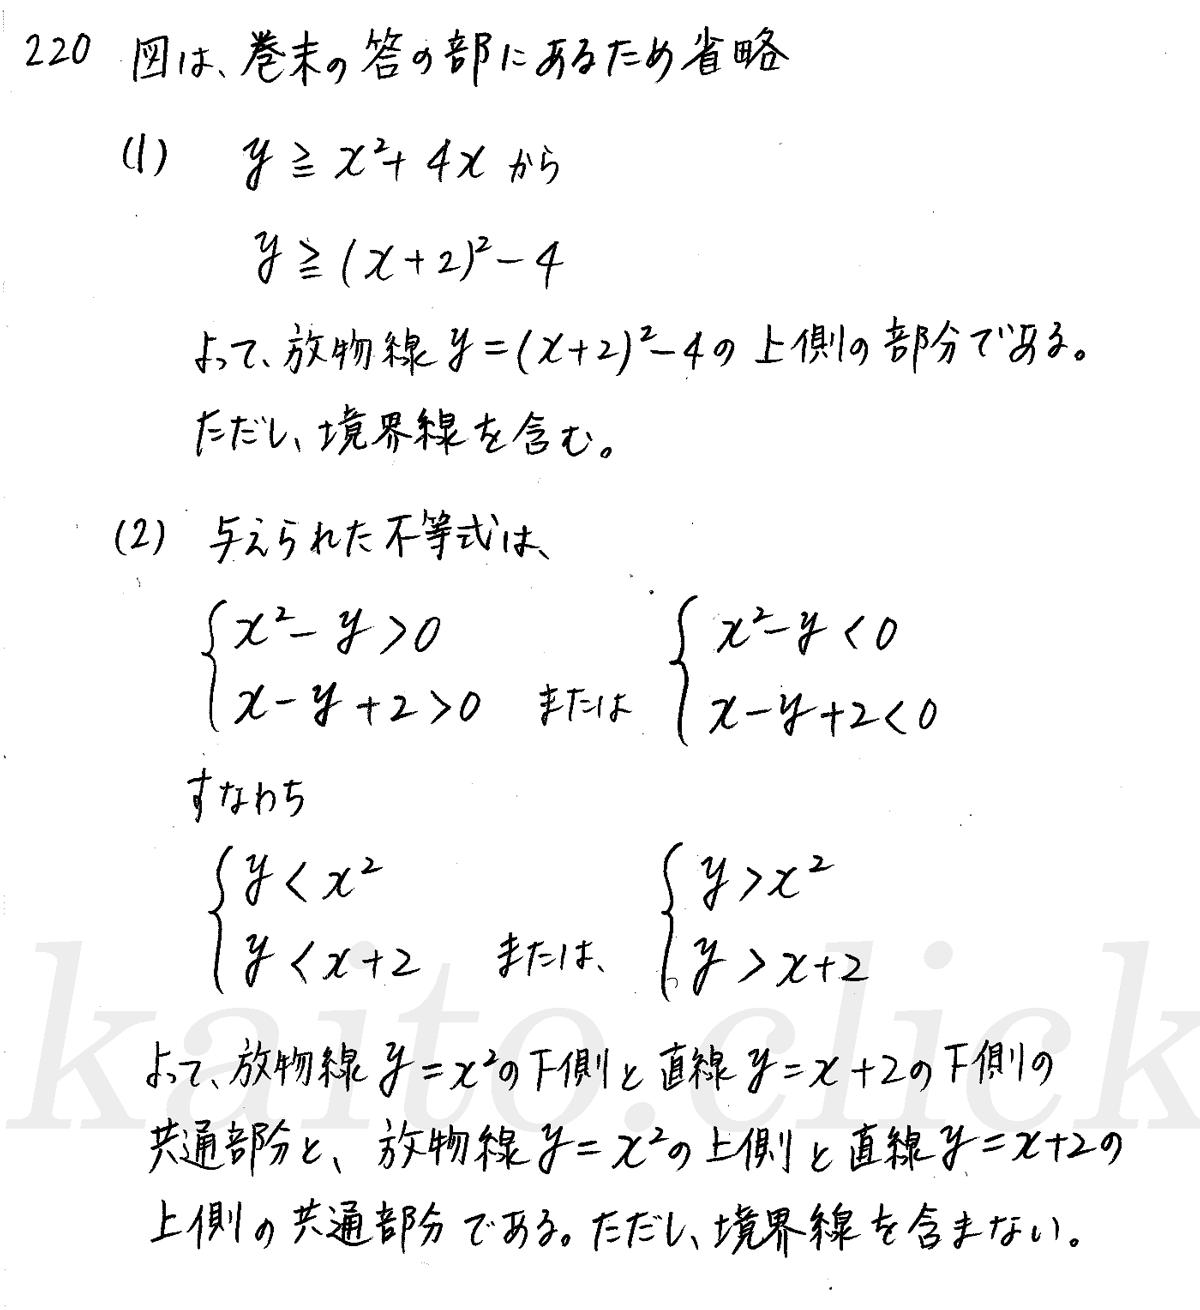 クリアー数学2-220解答